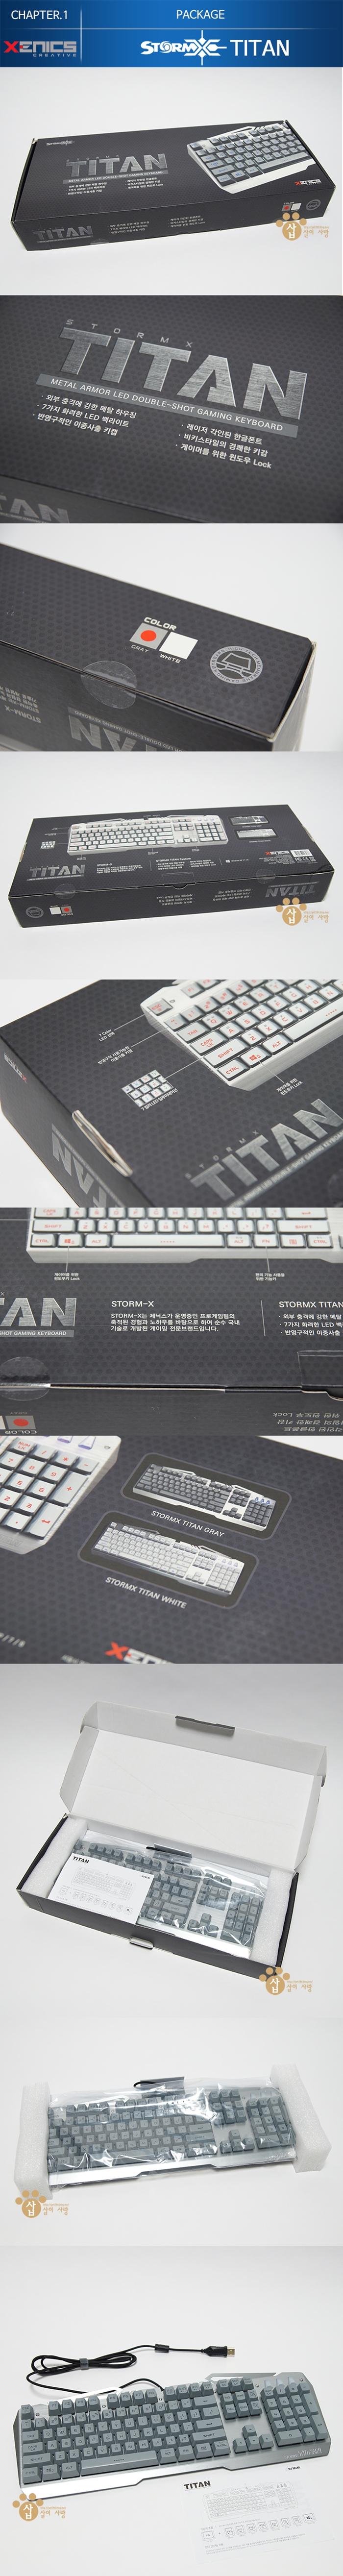 제닉스 키보드 패키지 STORMX TITAN.jpg